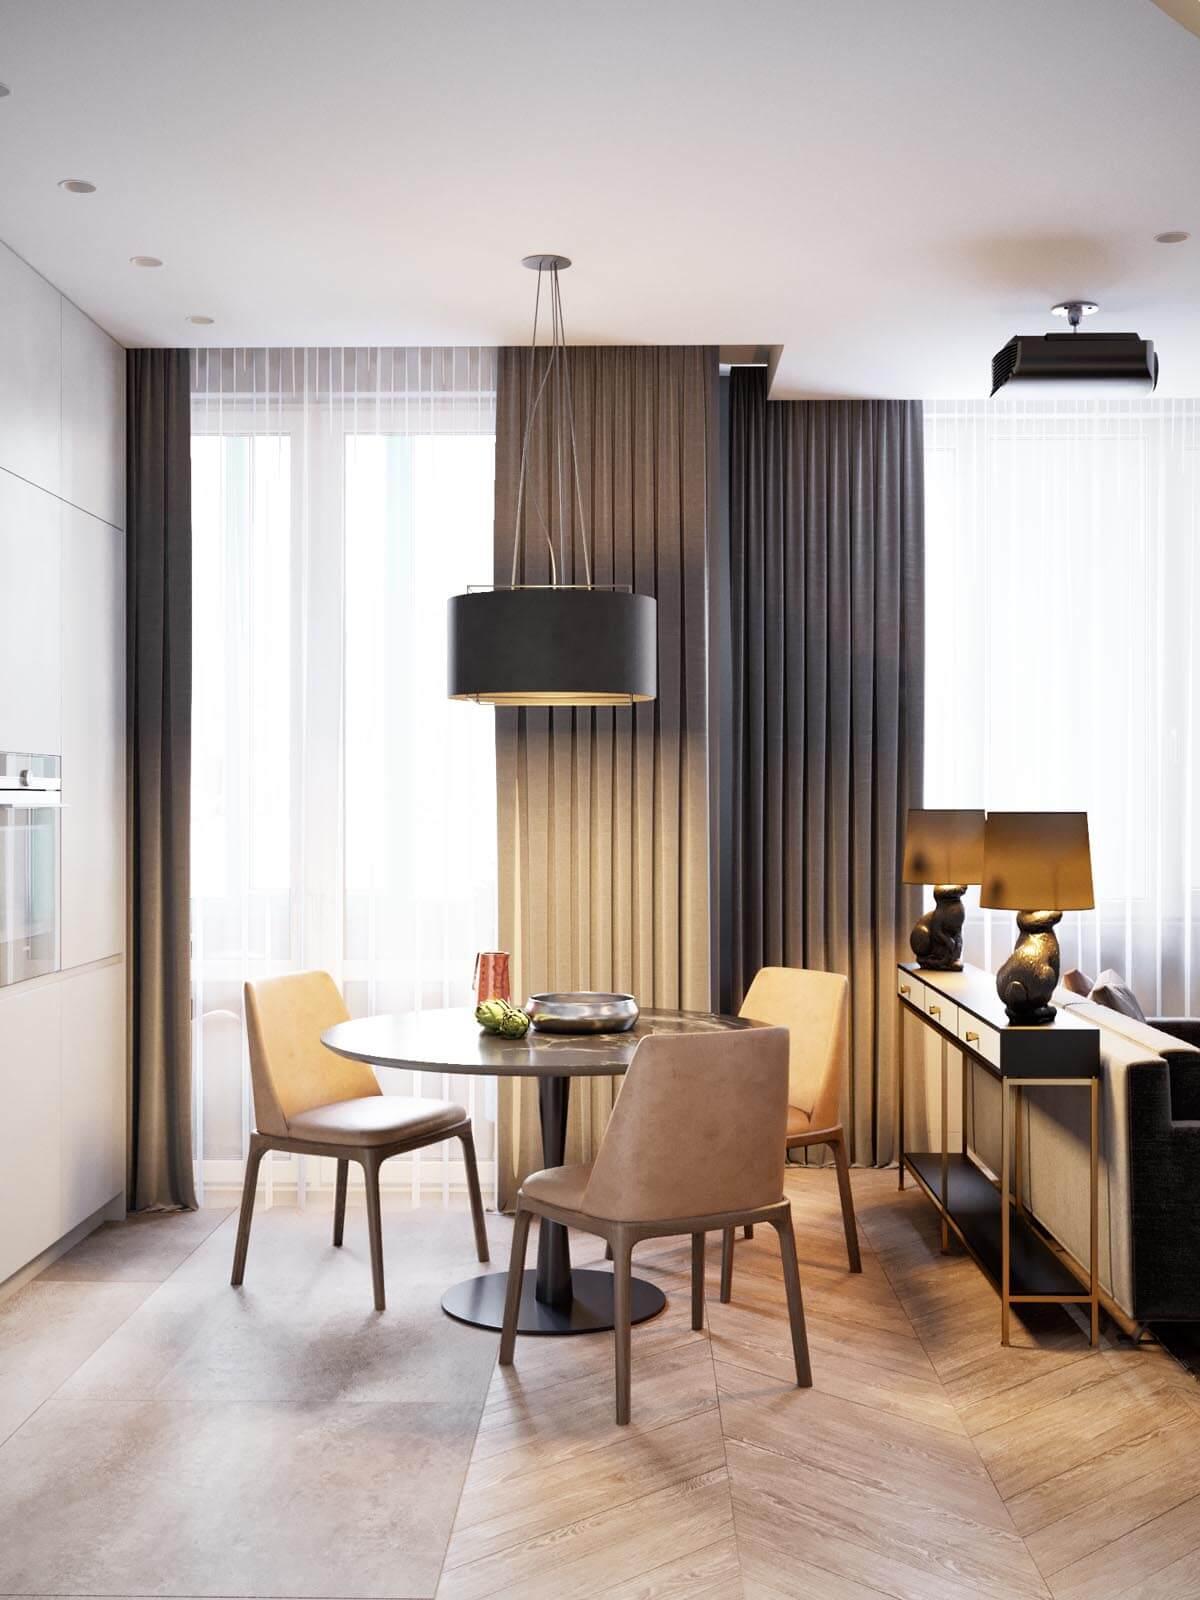 Mẫu thiết kế căn hộ chung cư 50m2 hiện đại 5